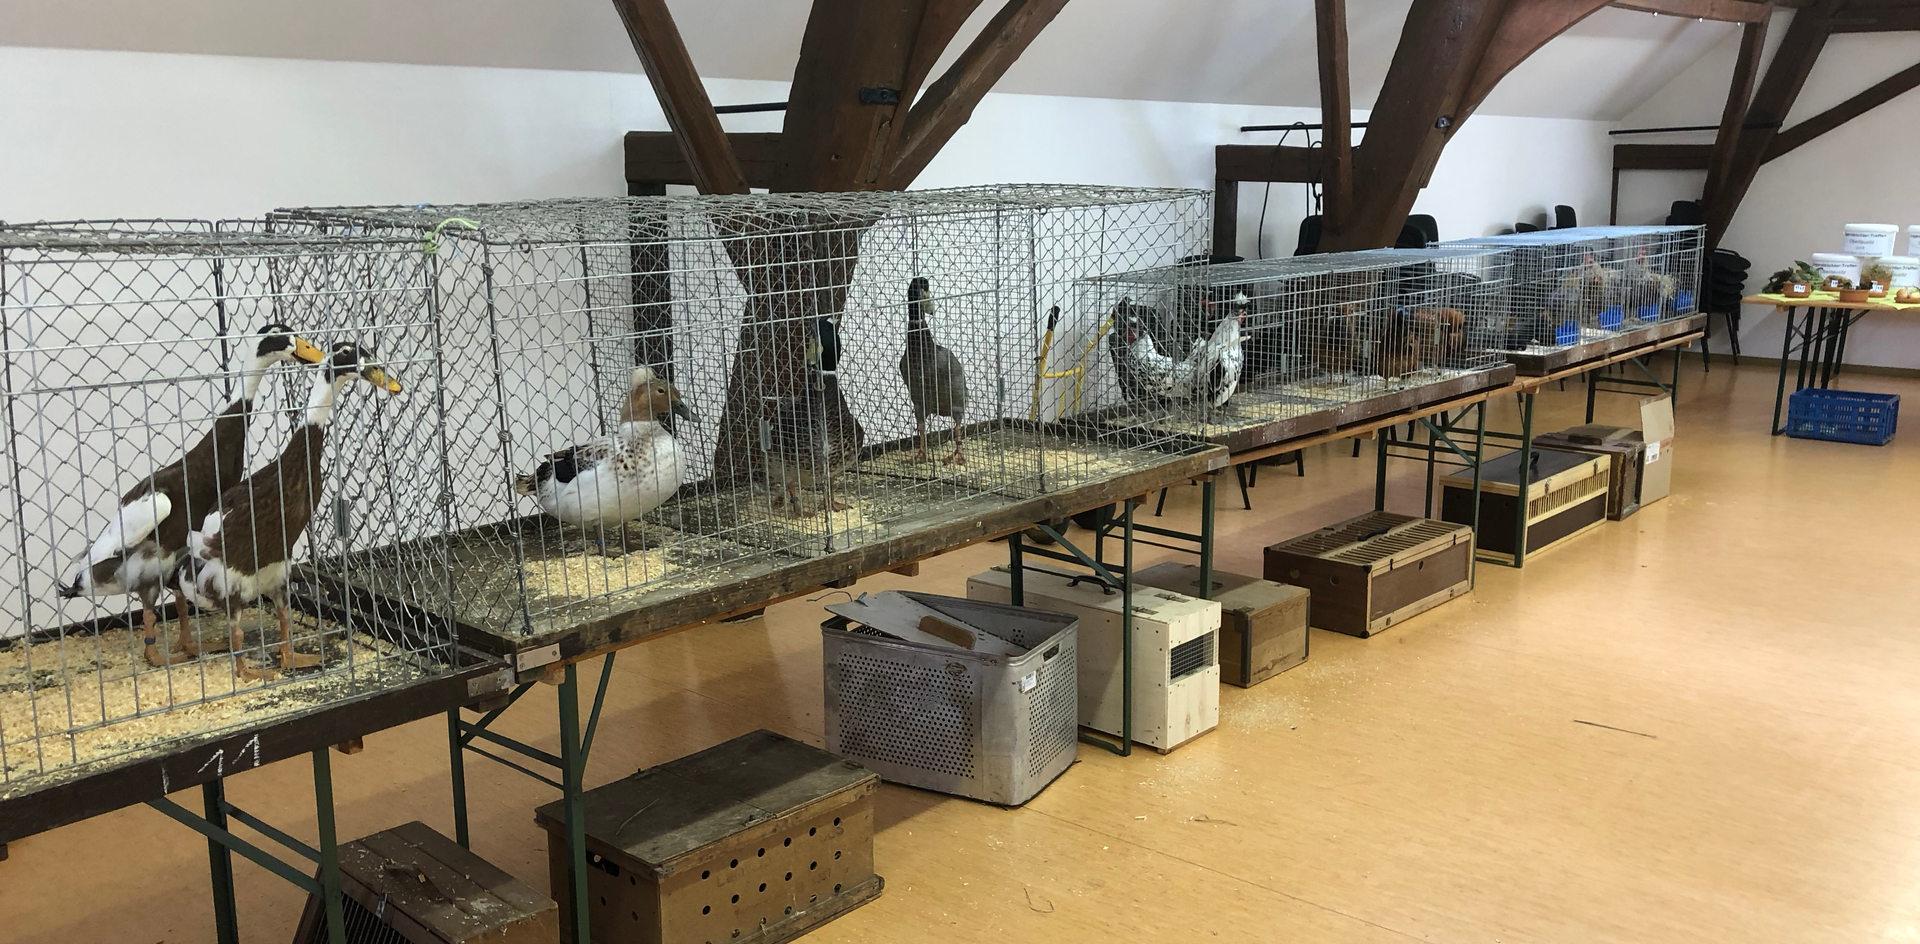 Jeder Jugendliche konnte ein paar Tiere mitbringen, die von fachkundigen Preisrichtern begutachtet wurden